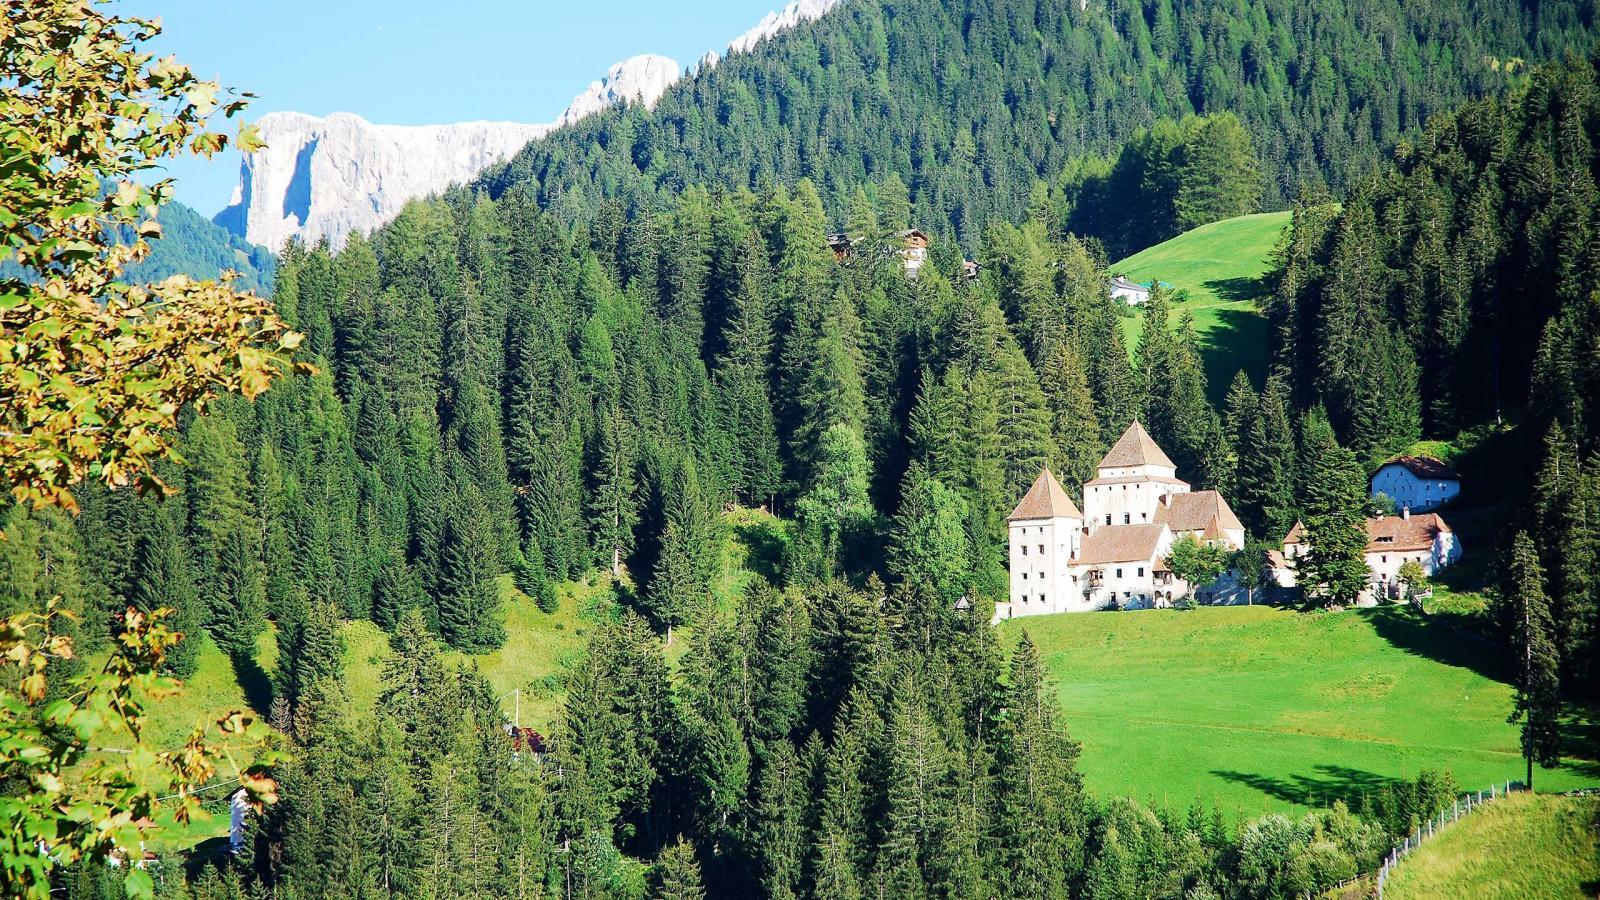 Residence Villa Genziana in S. Cristina in Val Gardena